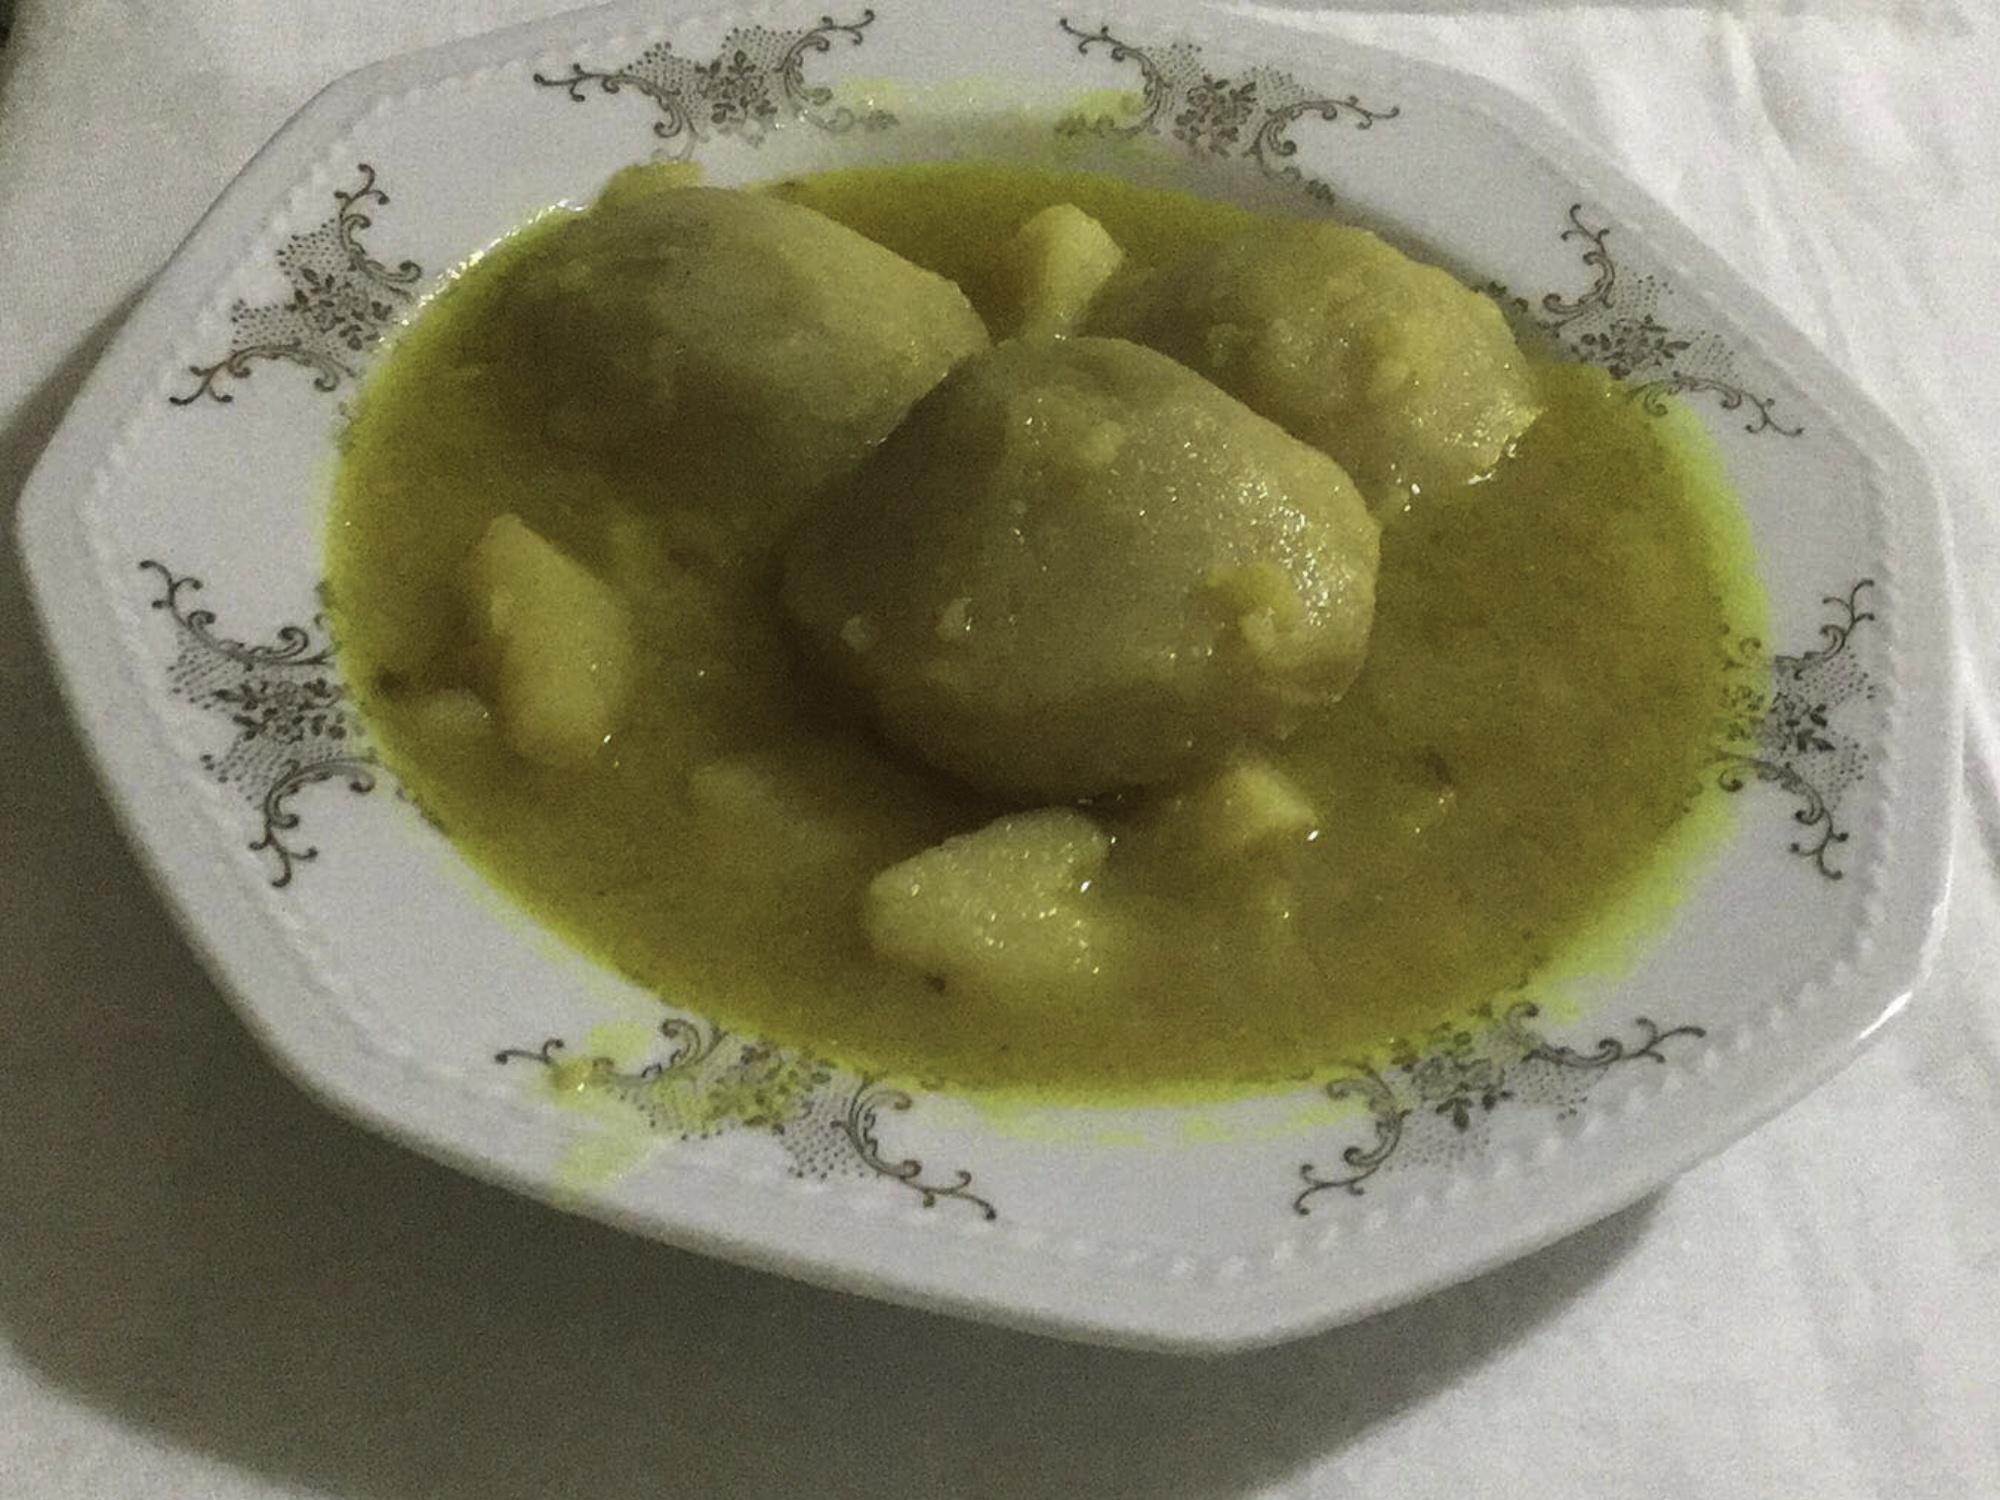 Αγκινάρα (καρδονίσκη) λεμονάτο